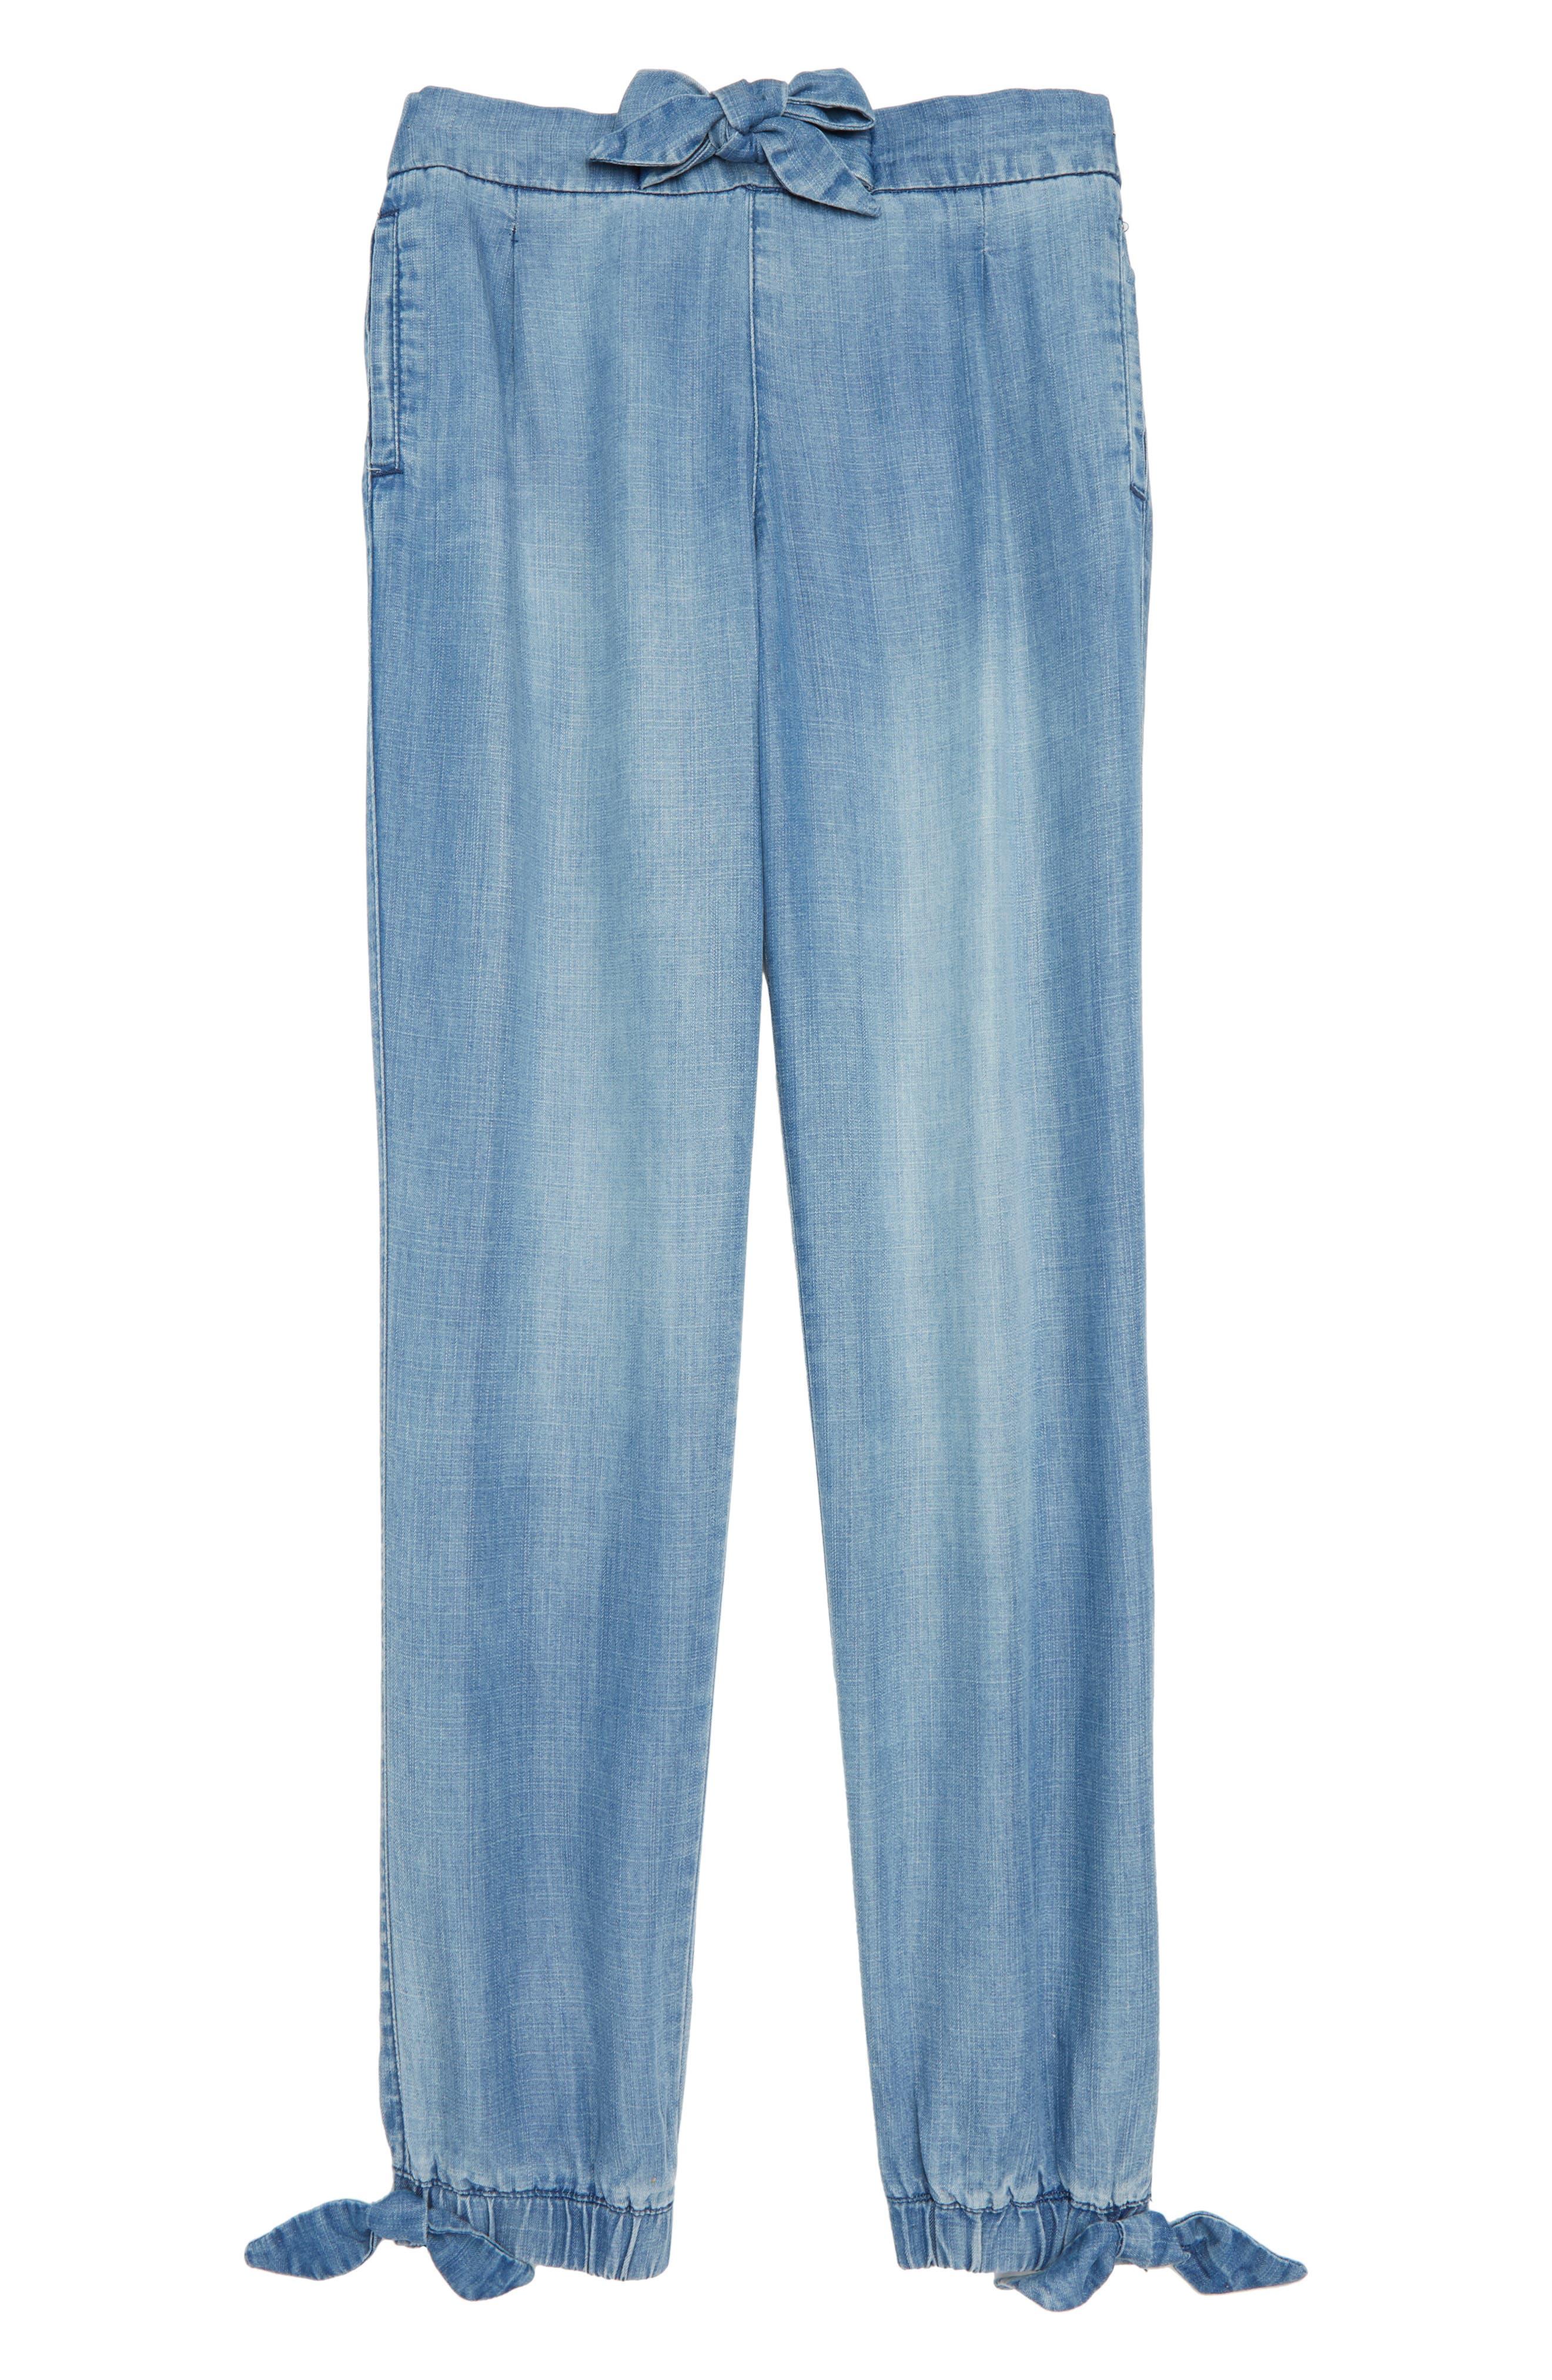 Tractr Chambray Jogger Pants (Big Girls)